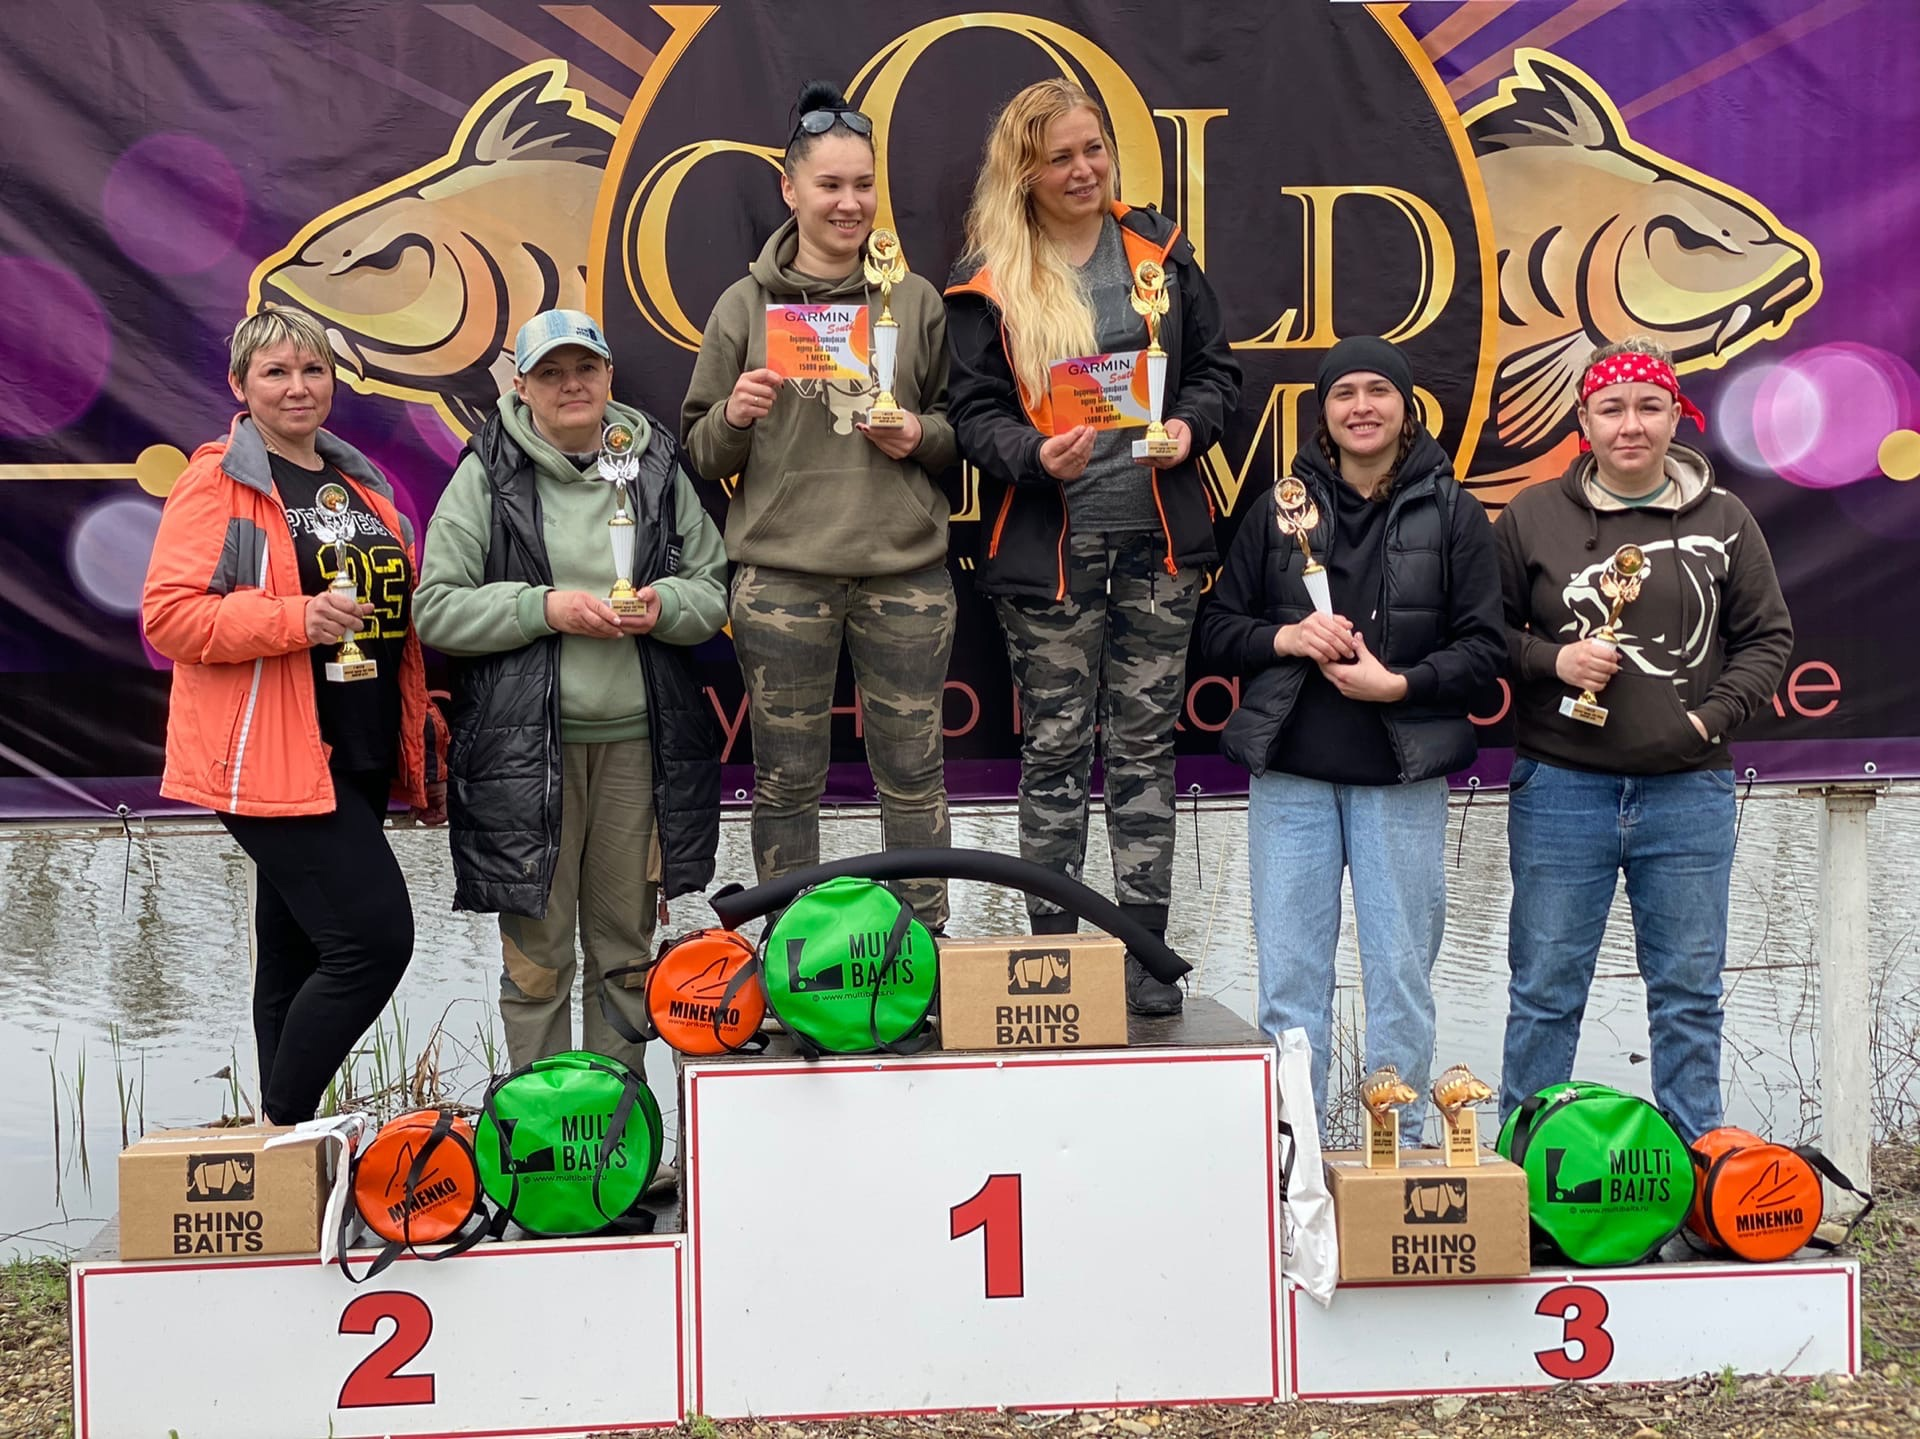 GOLD CHAMP '21 — второй женский турнир по ловле карпа в России